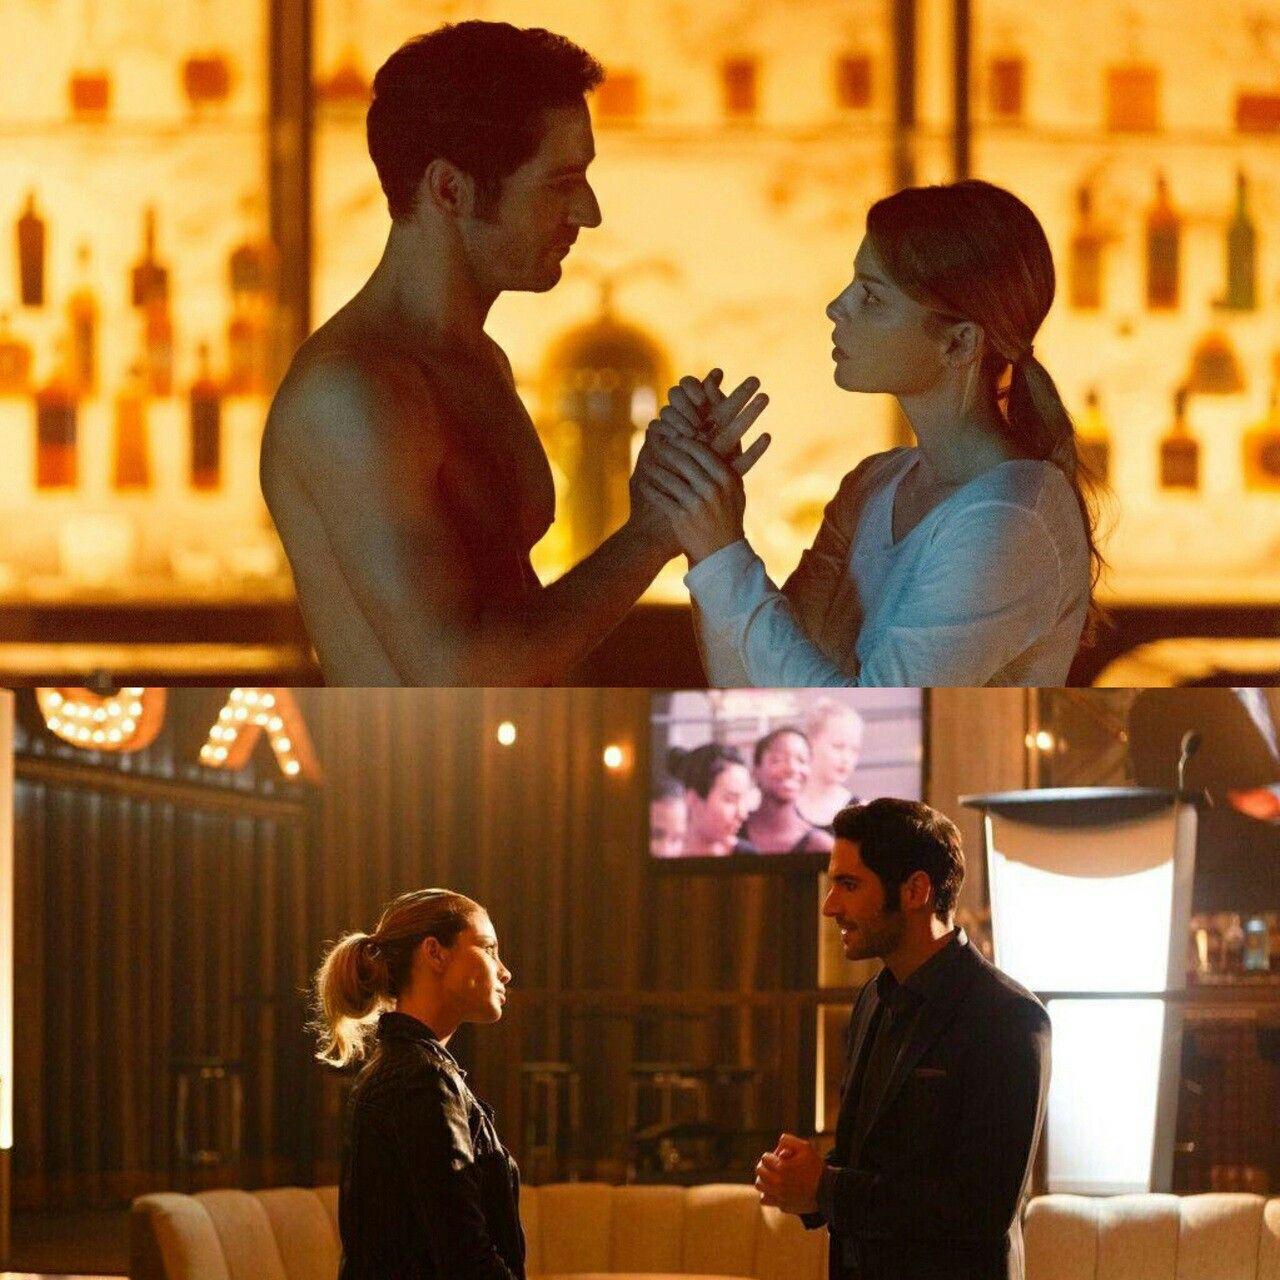 Lucifer And Chloe: Lucifer Morningstar / Tom Ellis / Chloe